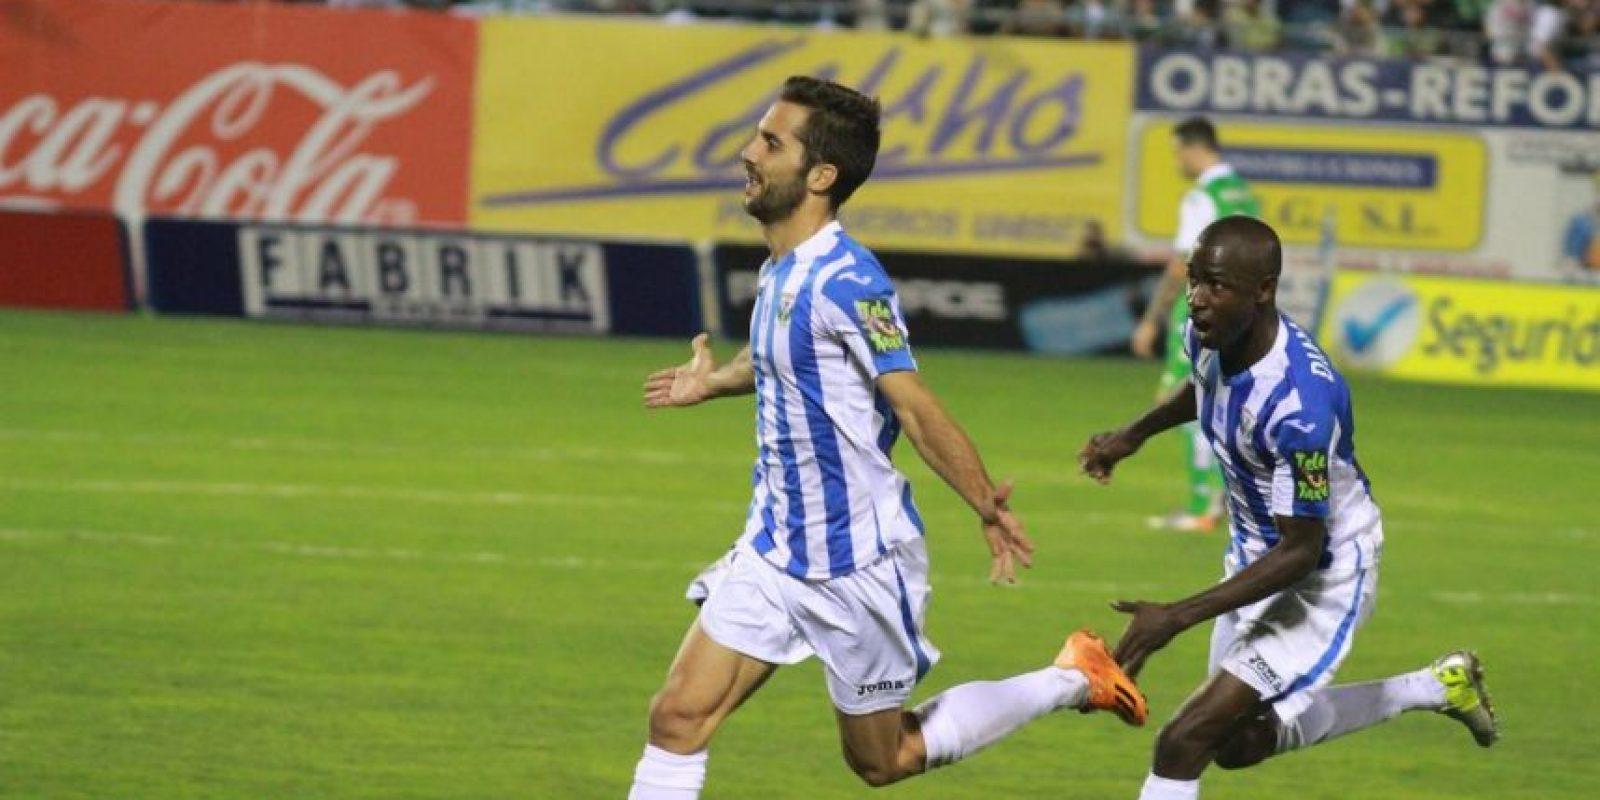 El Leganés tiene 4 mil 589 abonados. Foto:Vía facebook.com/ClubDeportivoLeganes